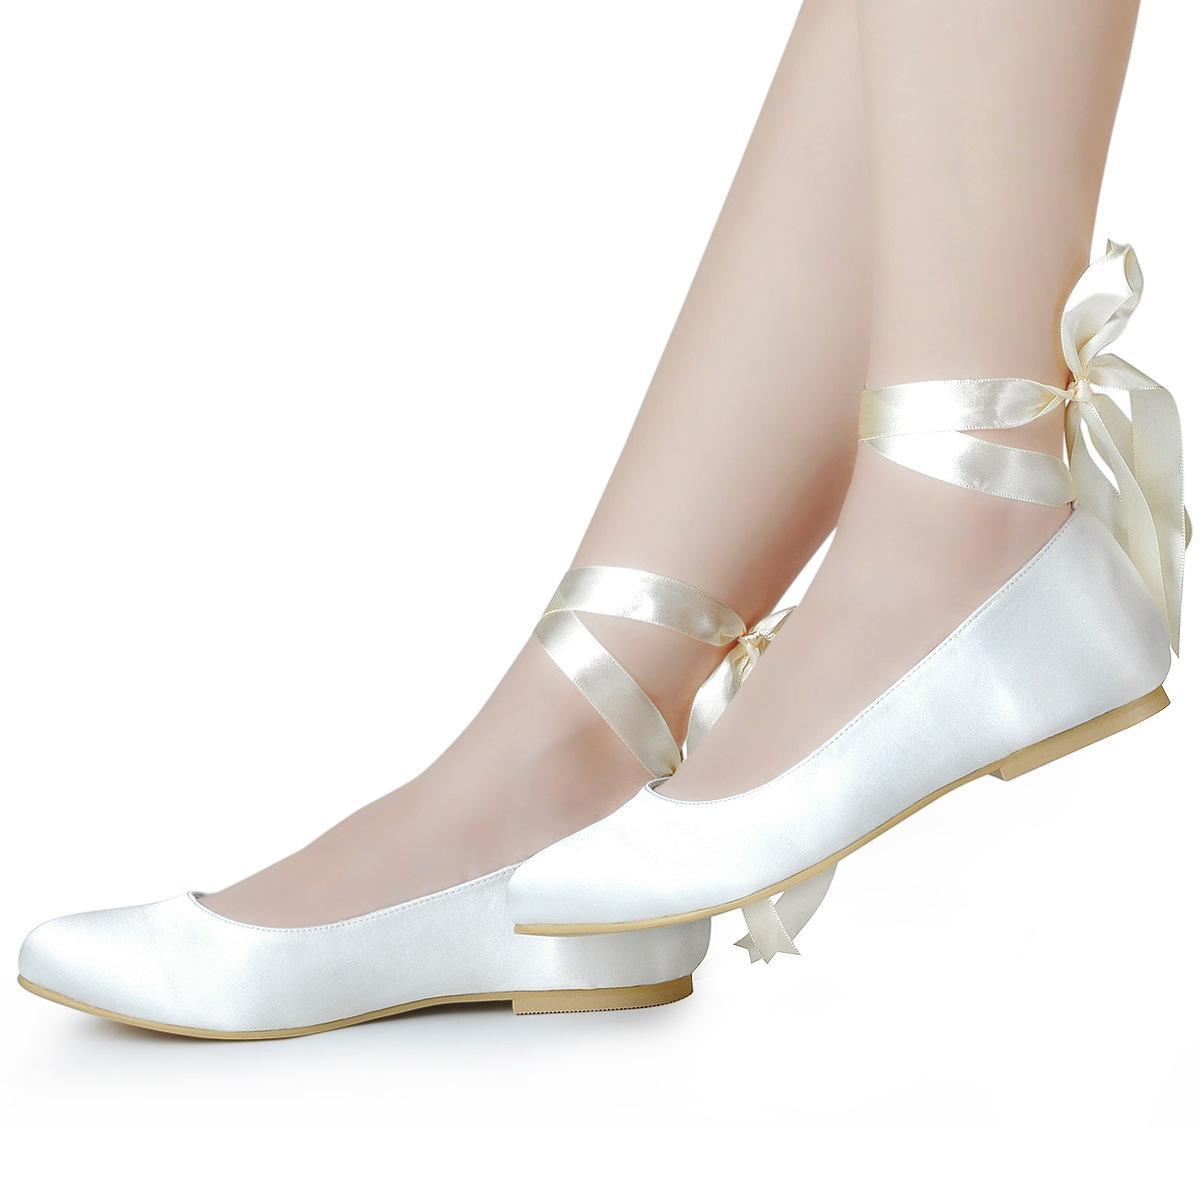 89ade396e5 Compre Zapatos Planos Para Mujer Hechos A Mano, Cintas De Raso Blancas  Simples, Zapatos De Boda Con Patas, Zapatos Planos Y Grandes.